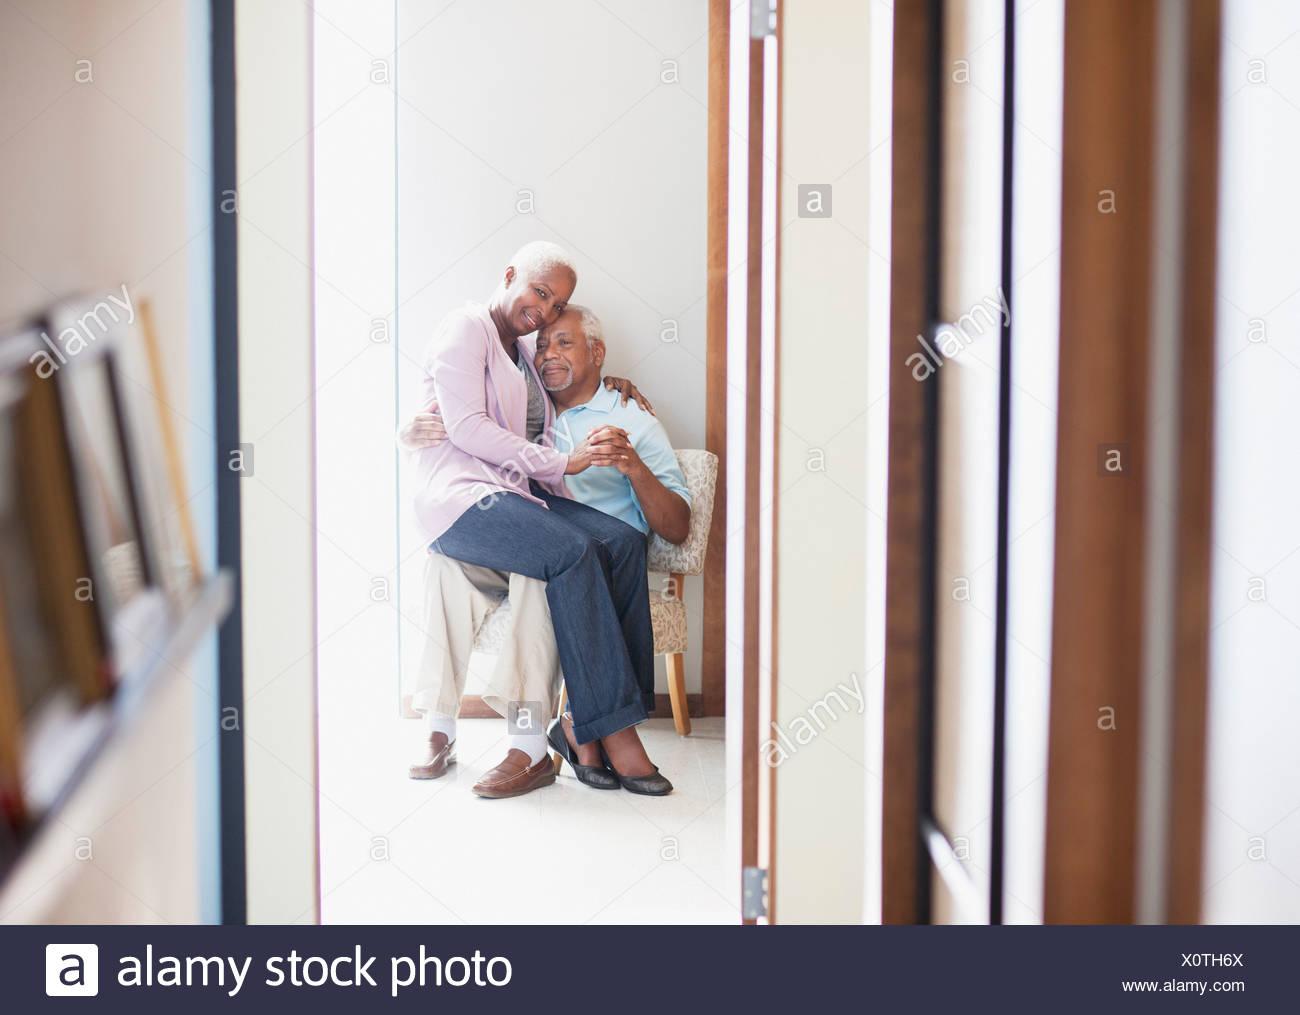 konzentrieren Sie 55-59, 60-64 Jahre, Zuneigung, Altern, kleben, Freizeitkleidung, Farbbild, Verbindung, Tag, Hingabe, häusliches Leben, sich auf Stockbild